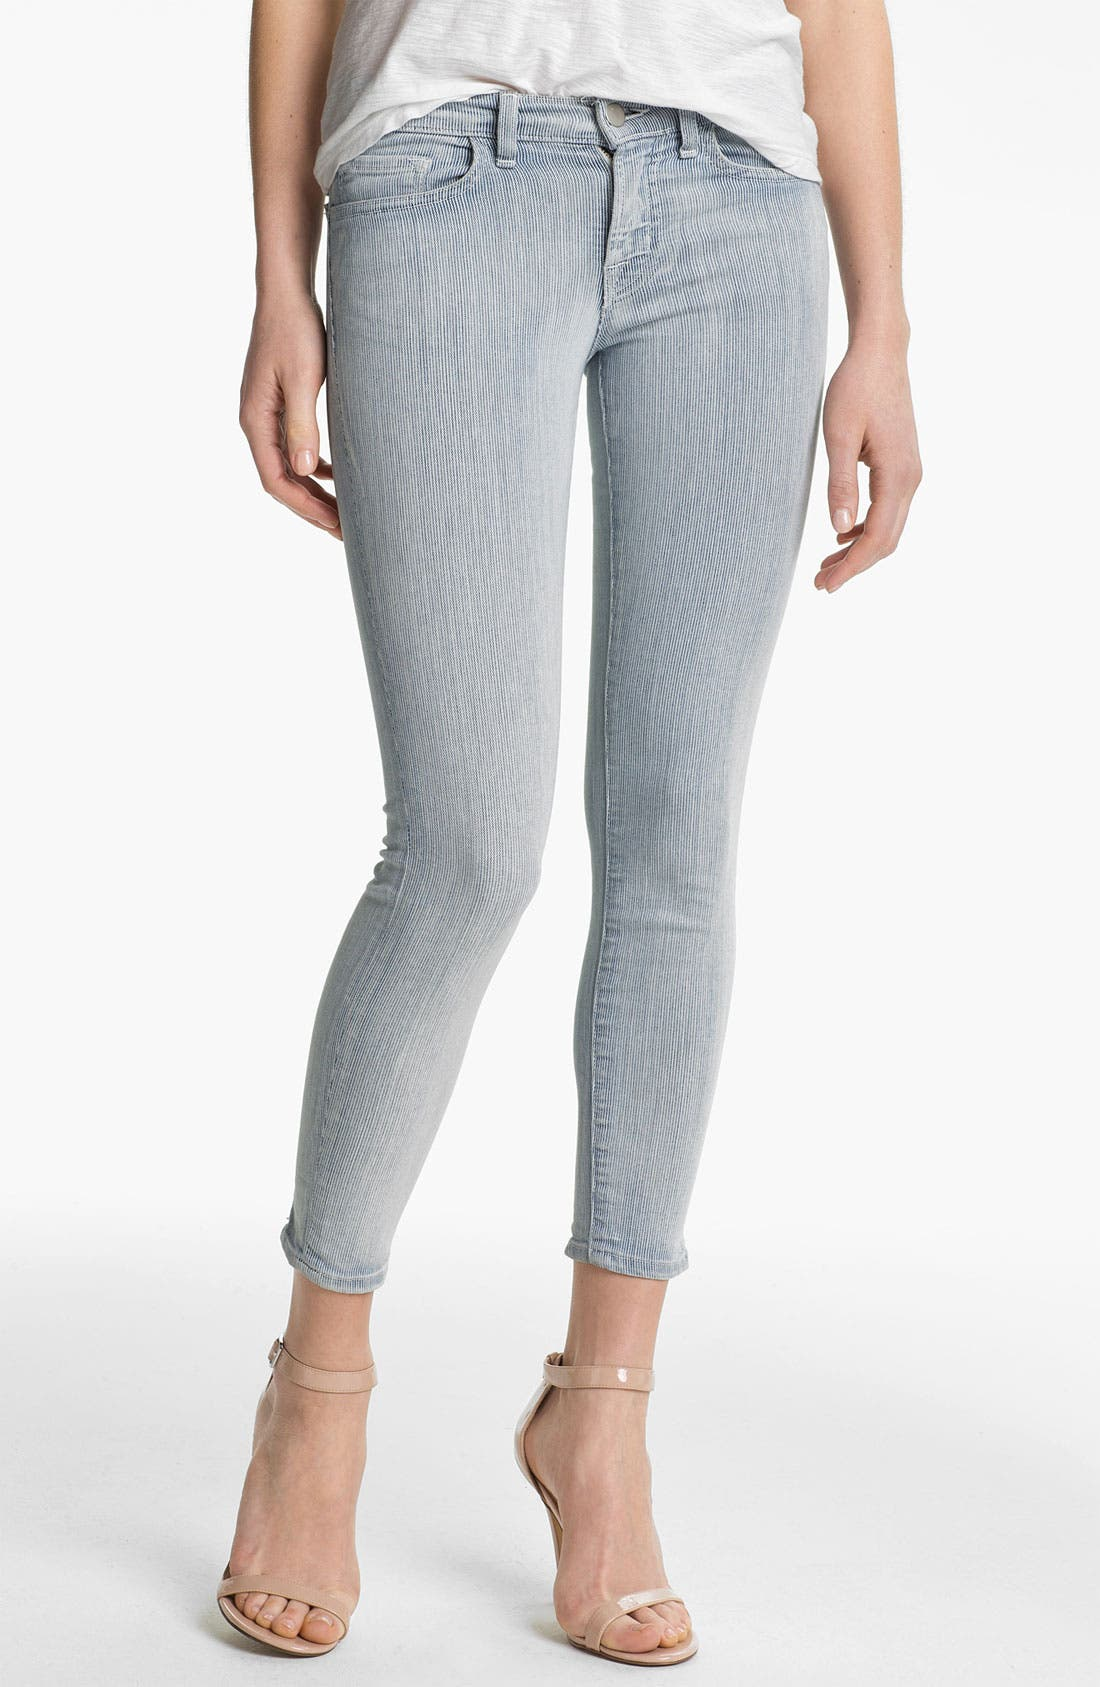 Alternate Image 1 Selected - J Brand Stripe Zip Ankle Skinny Jeans (Tracks)